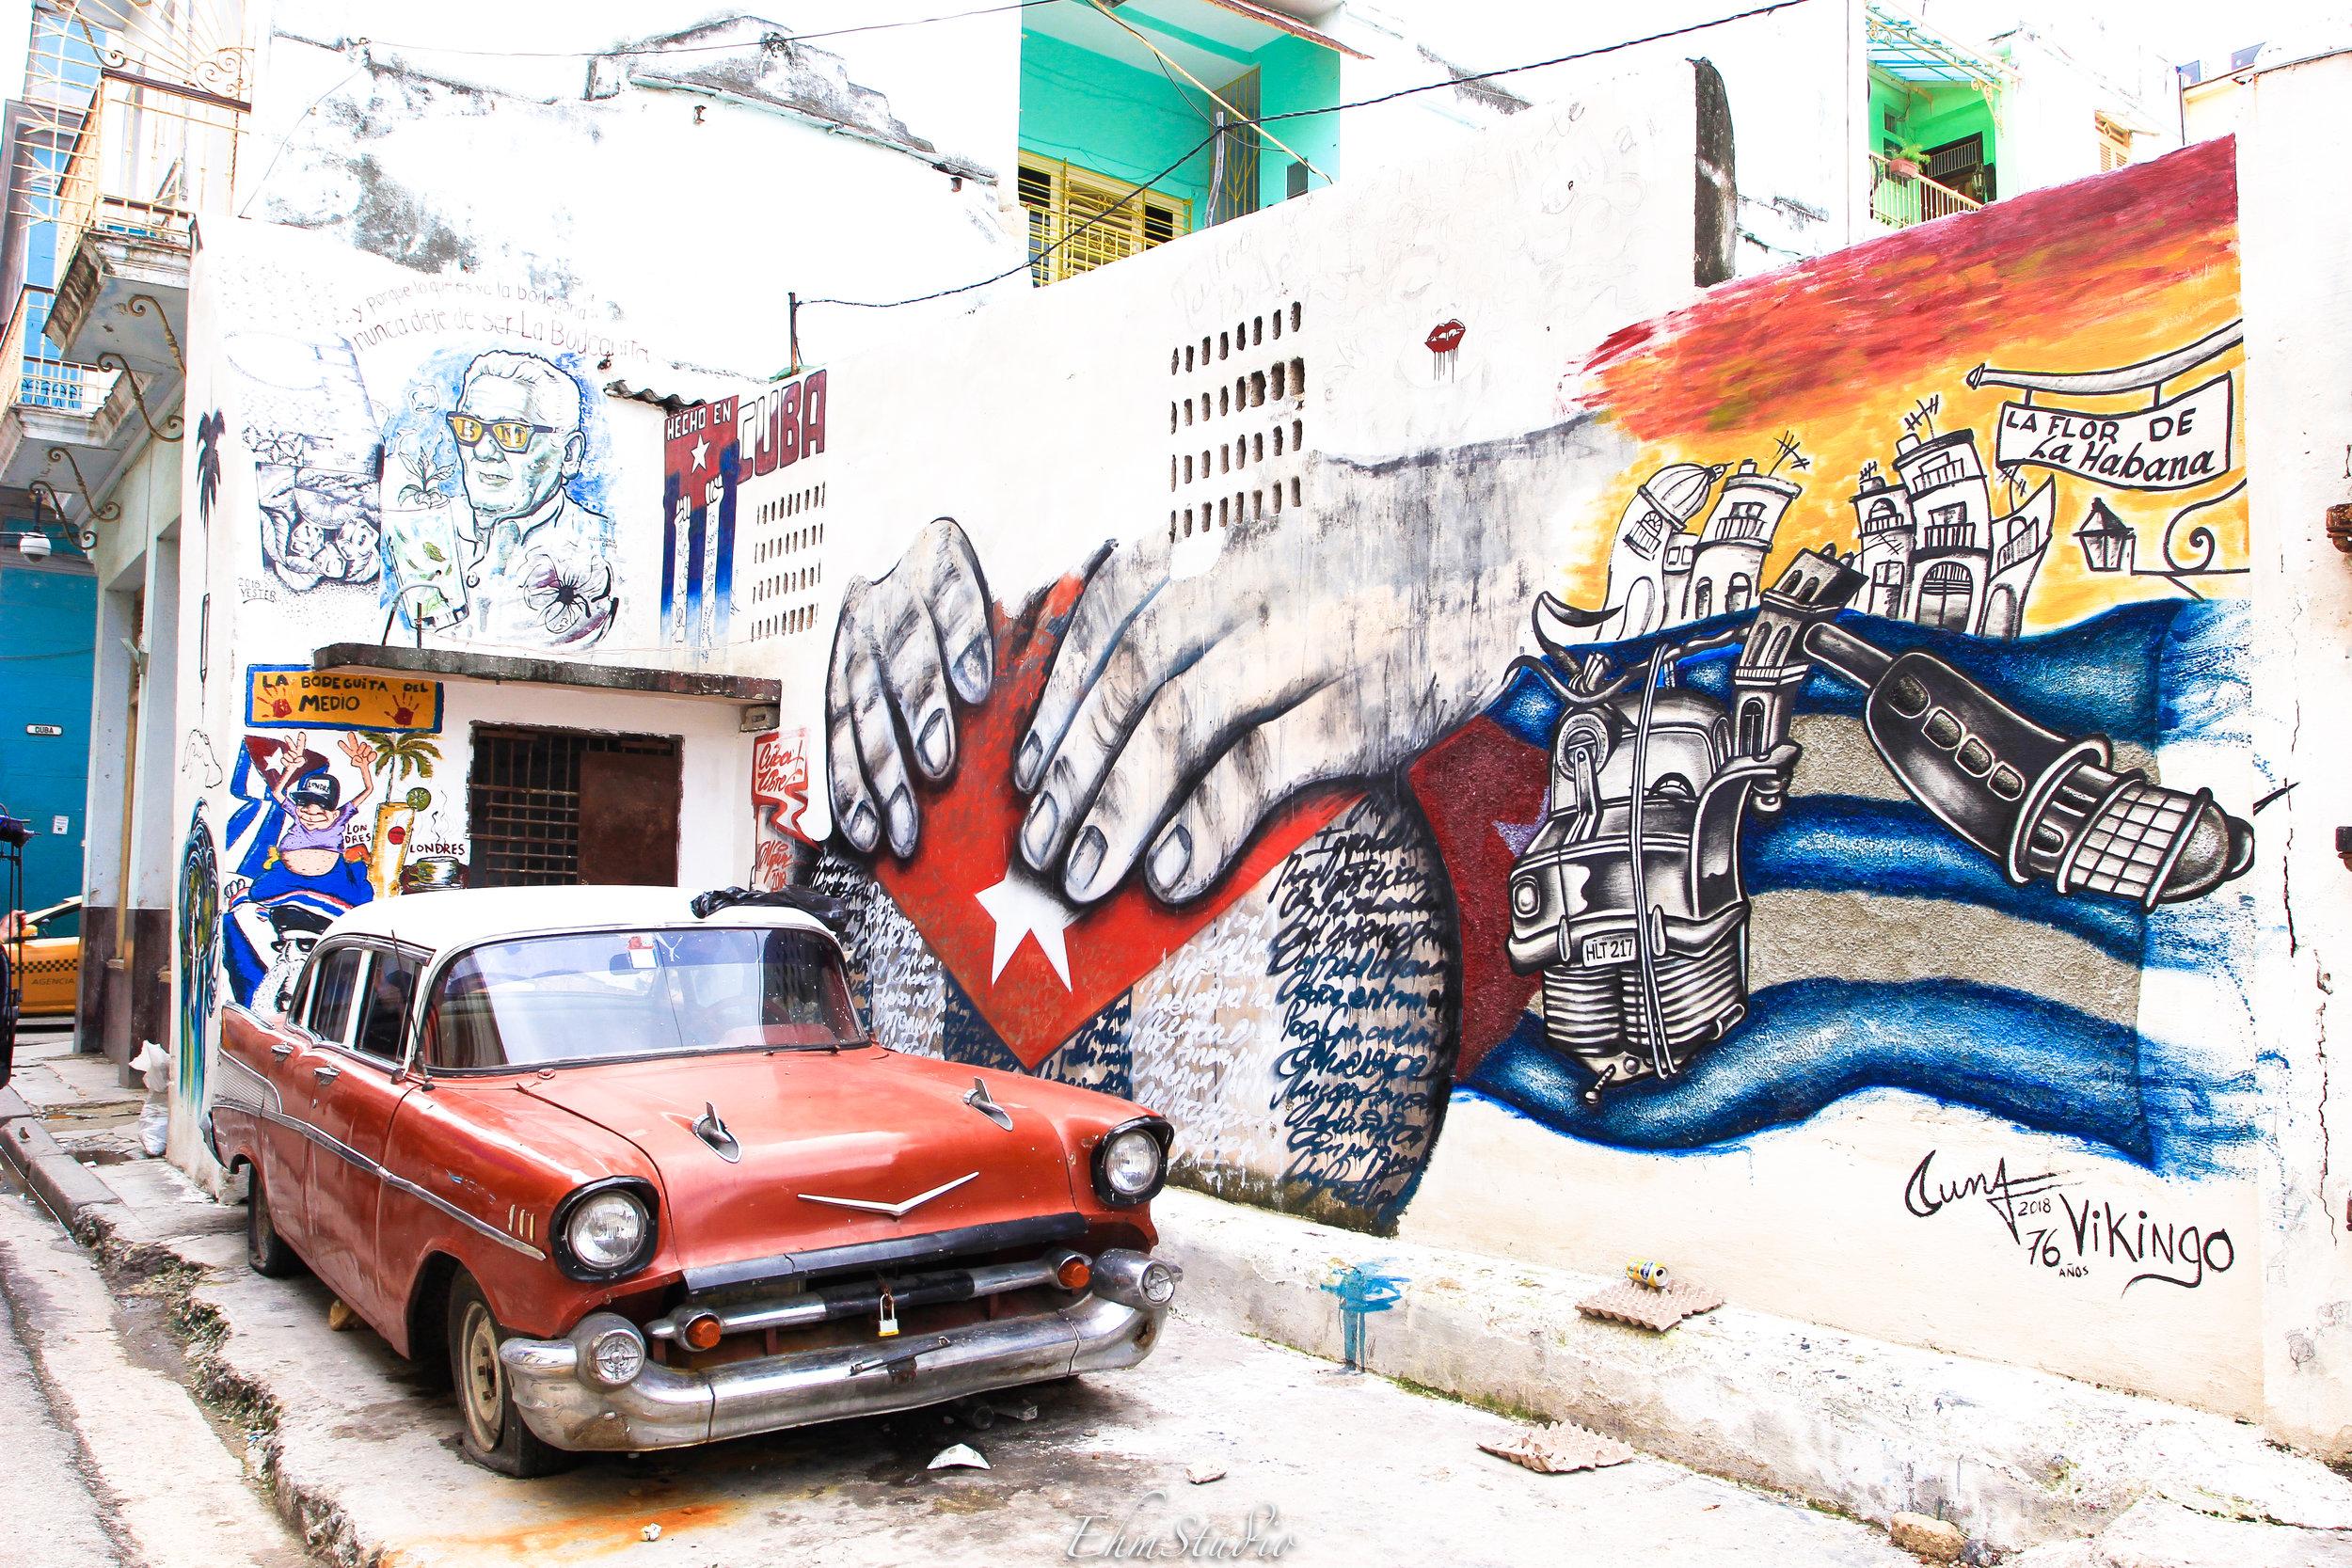 Cuba2018Edits-7.jpg